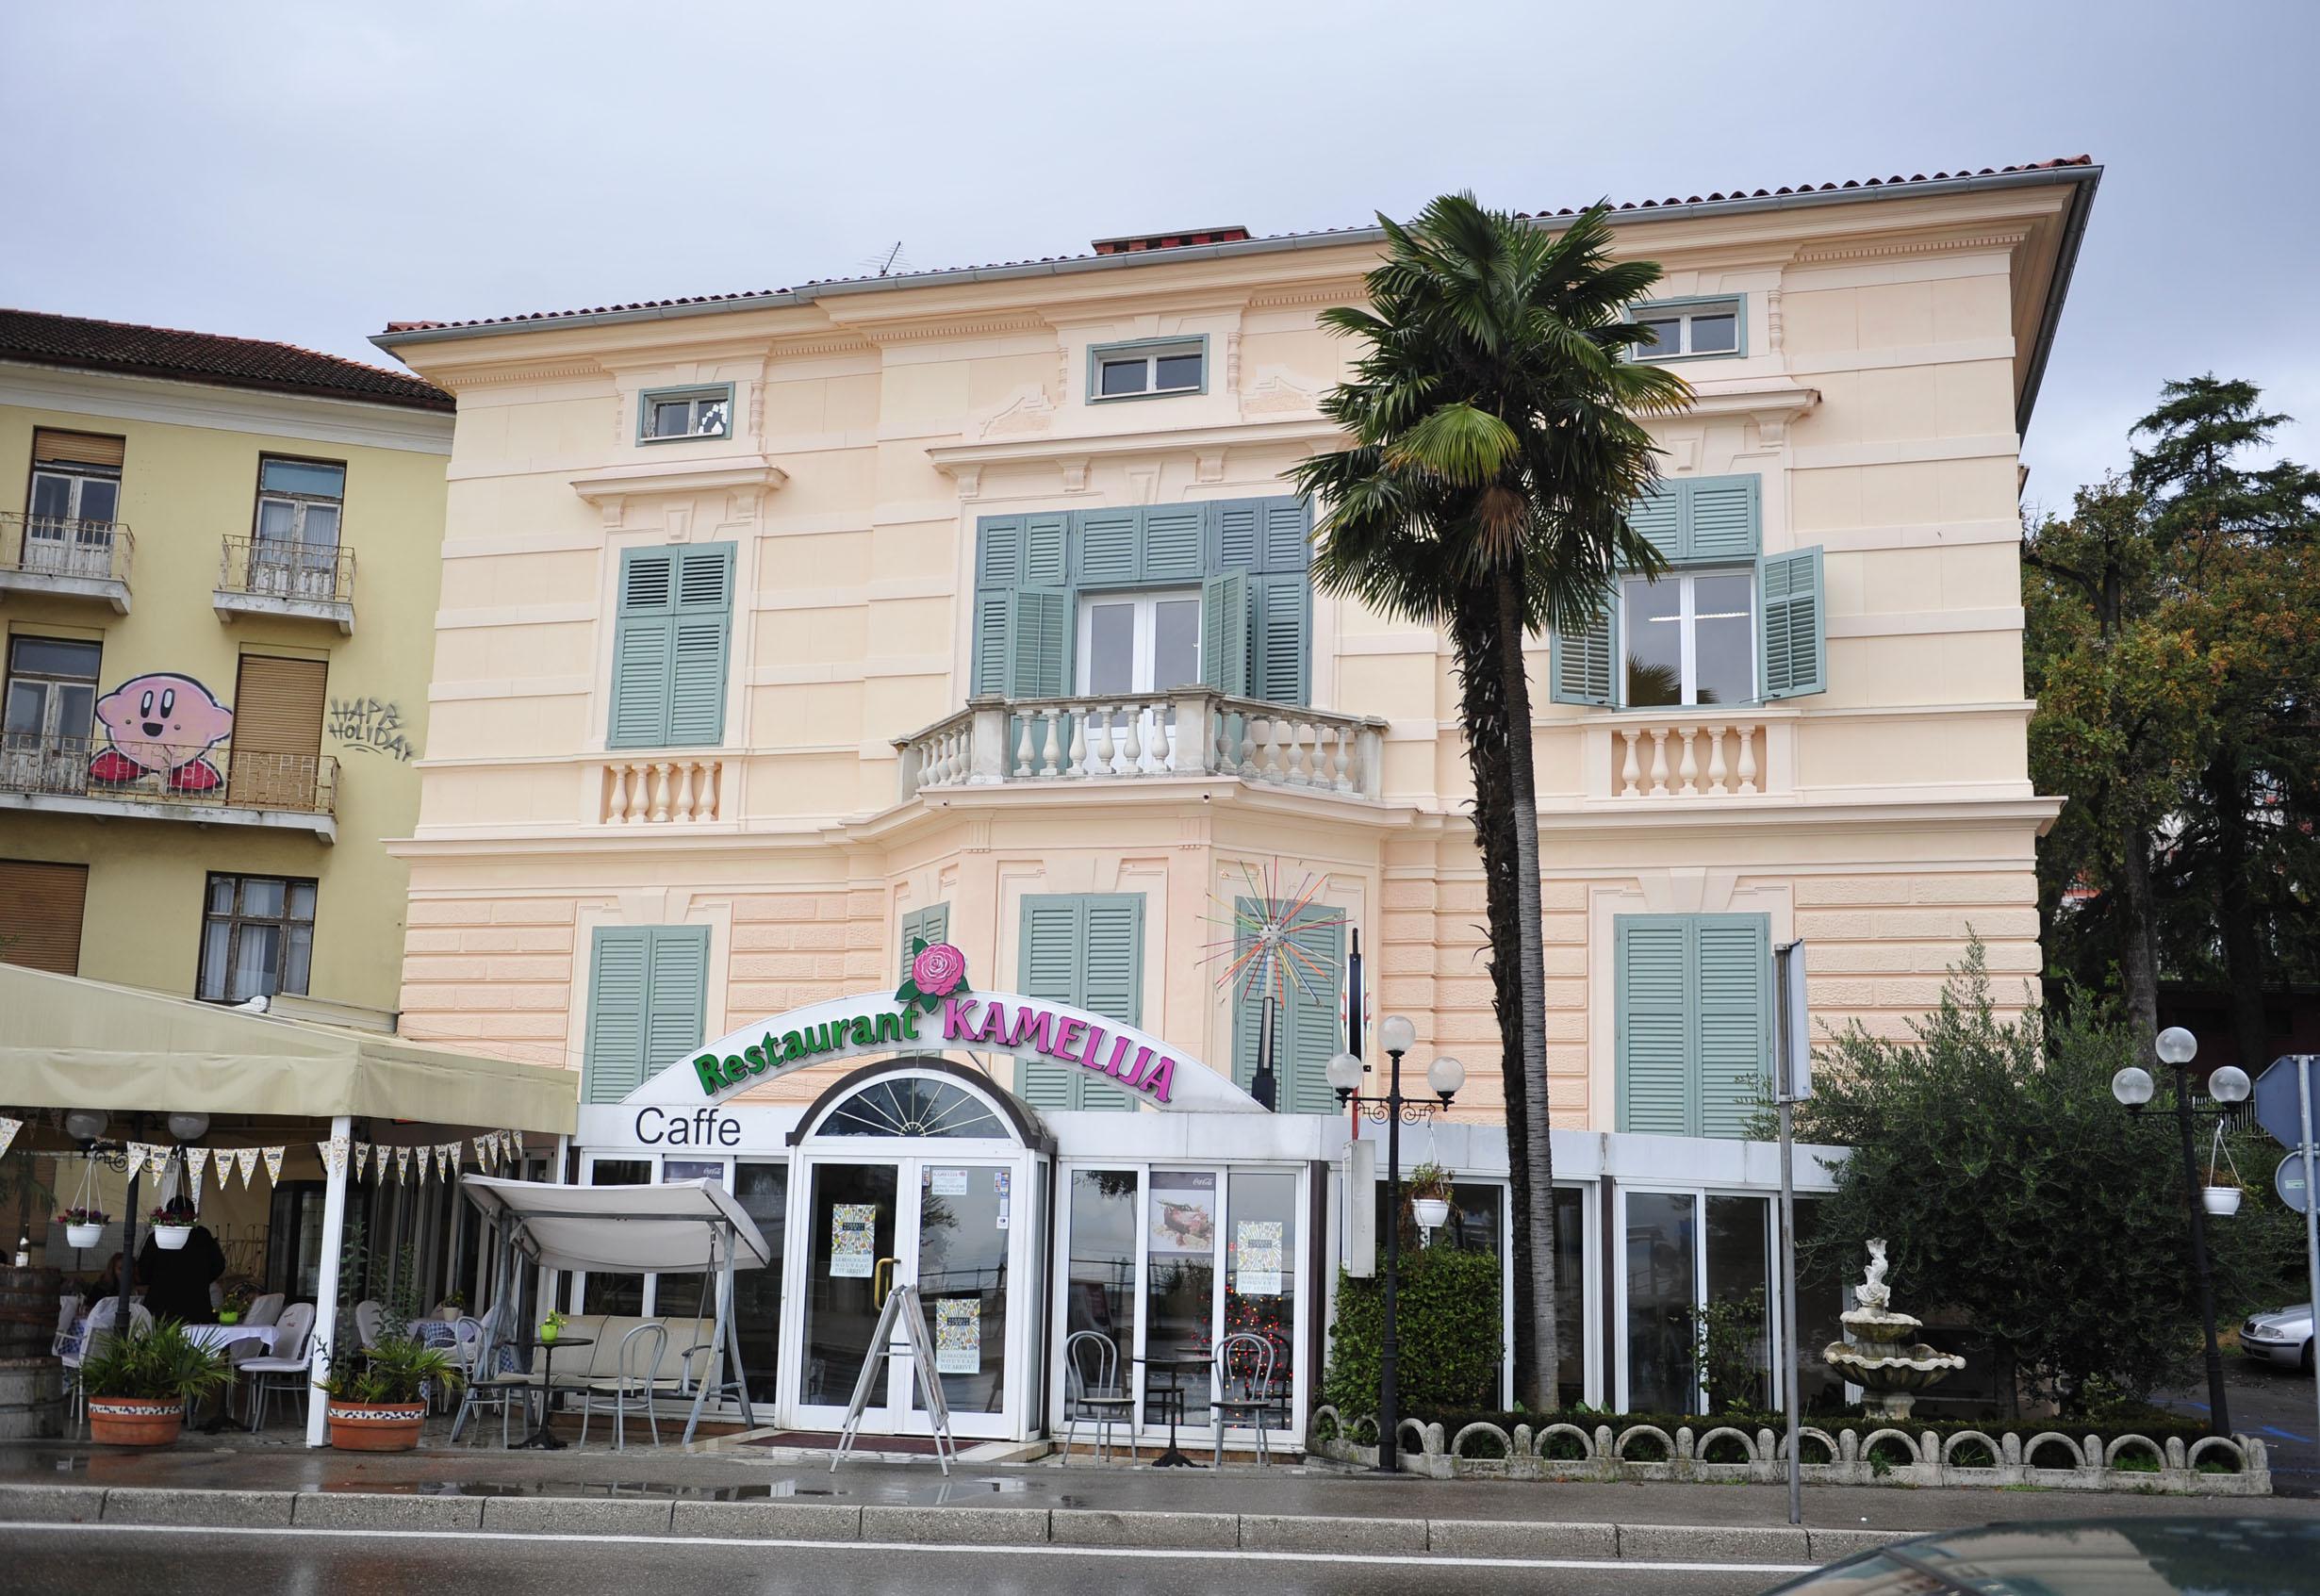 Mala vila Keglevich u kojoj se nalazio restoran Kamelija, snimio Marin ANIČIĆ